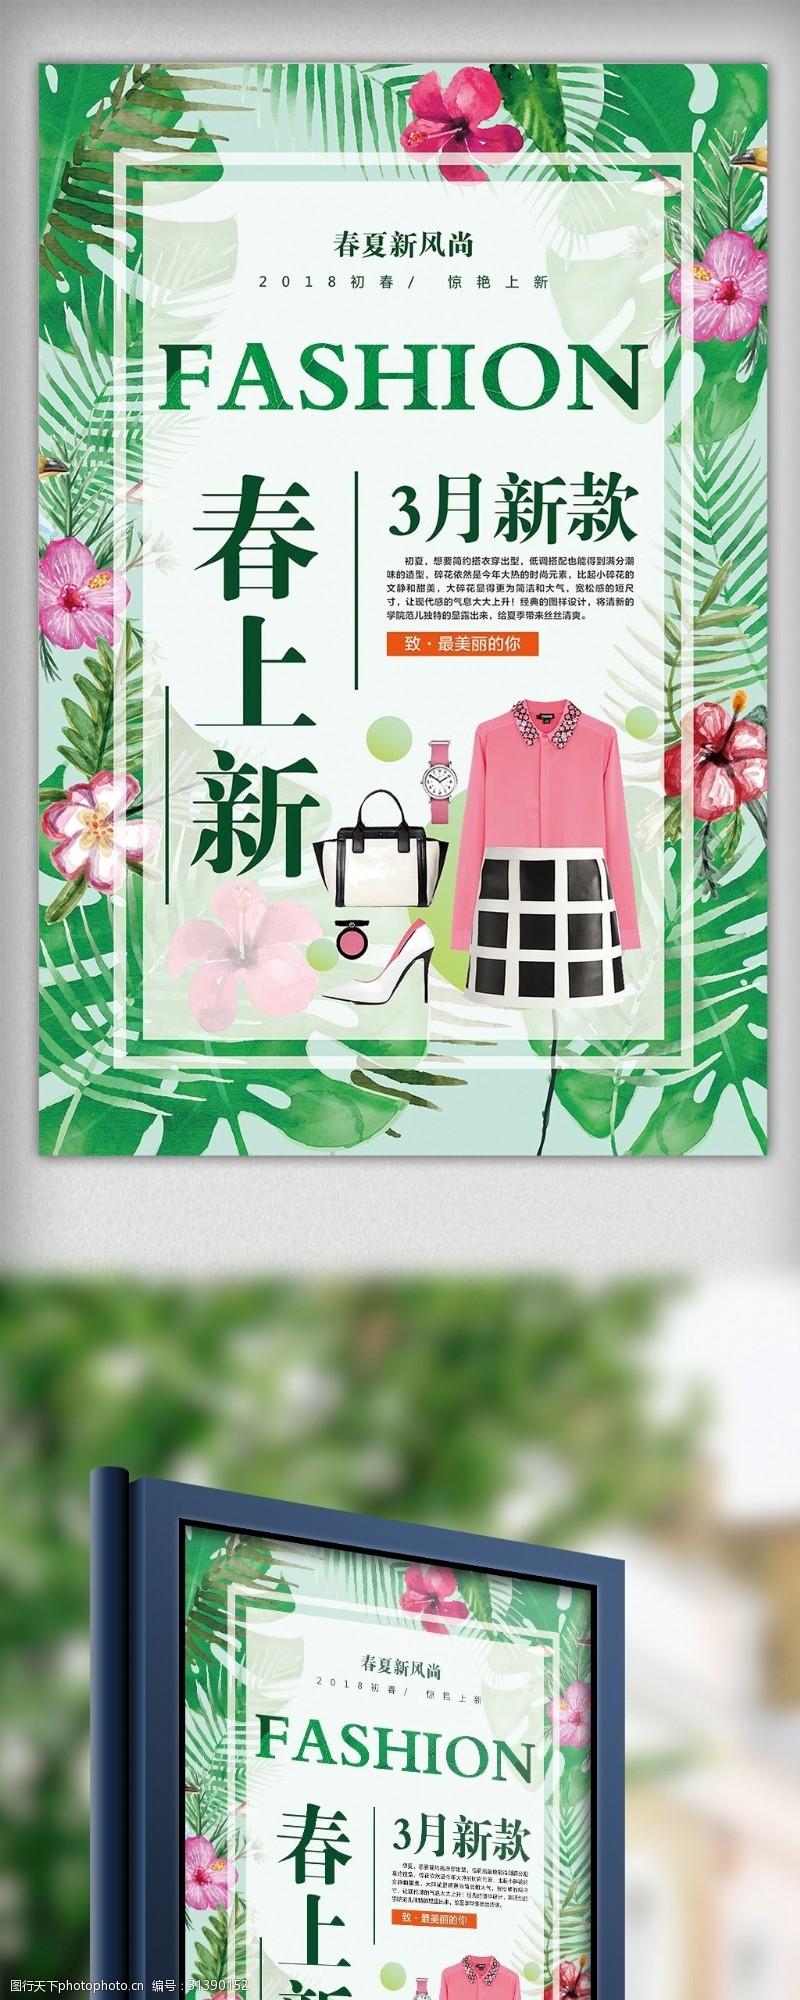 绿色创意插画风格春季女装促销海报